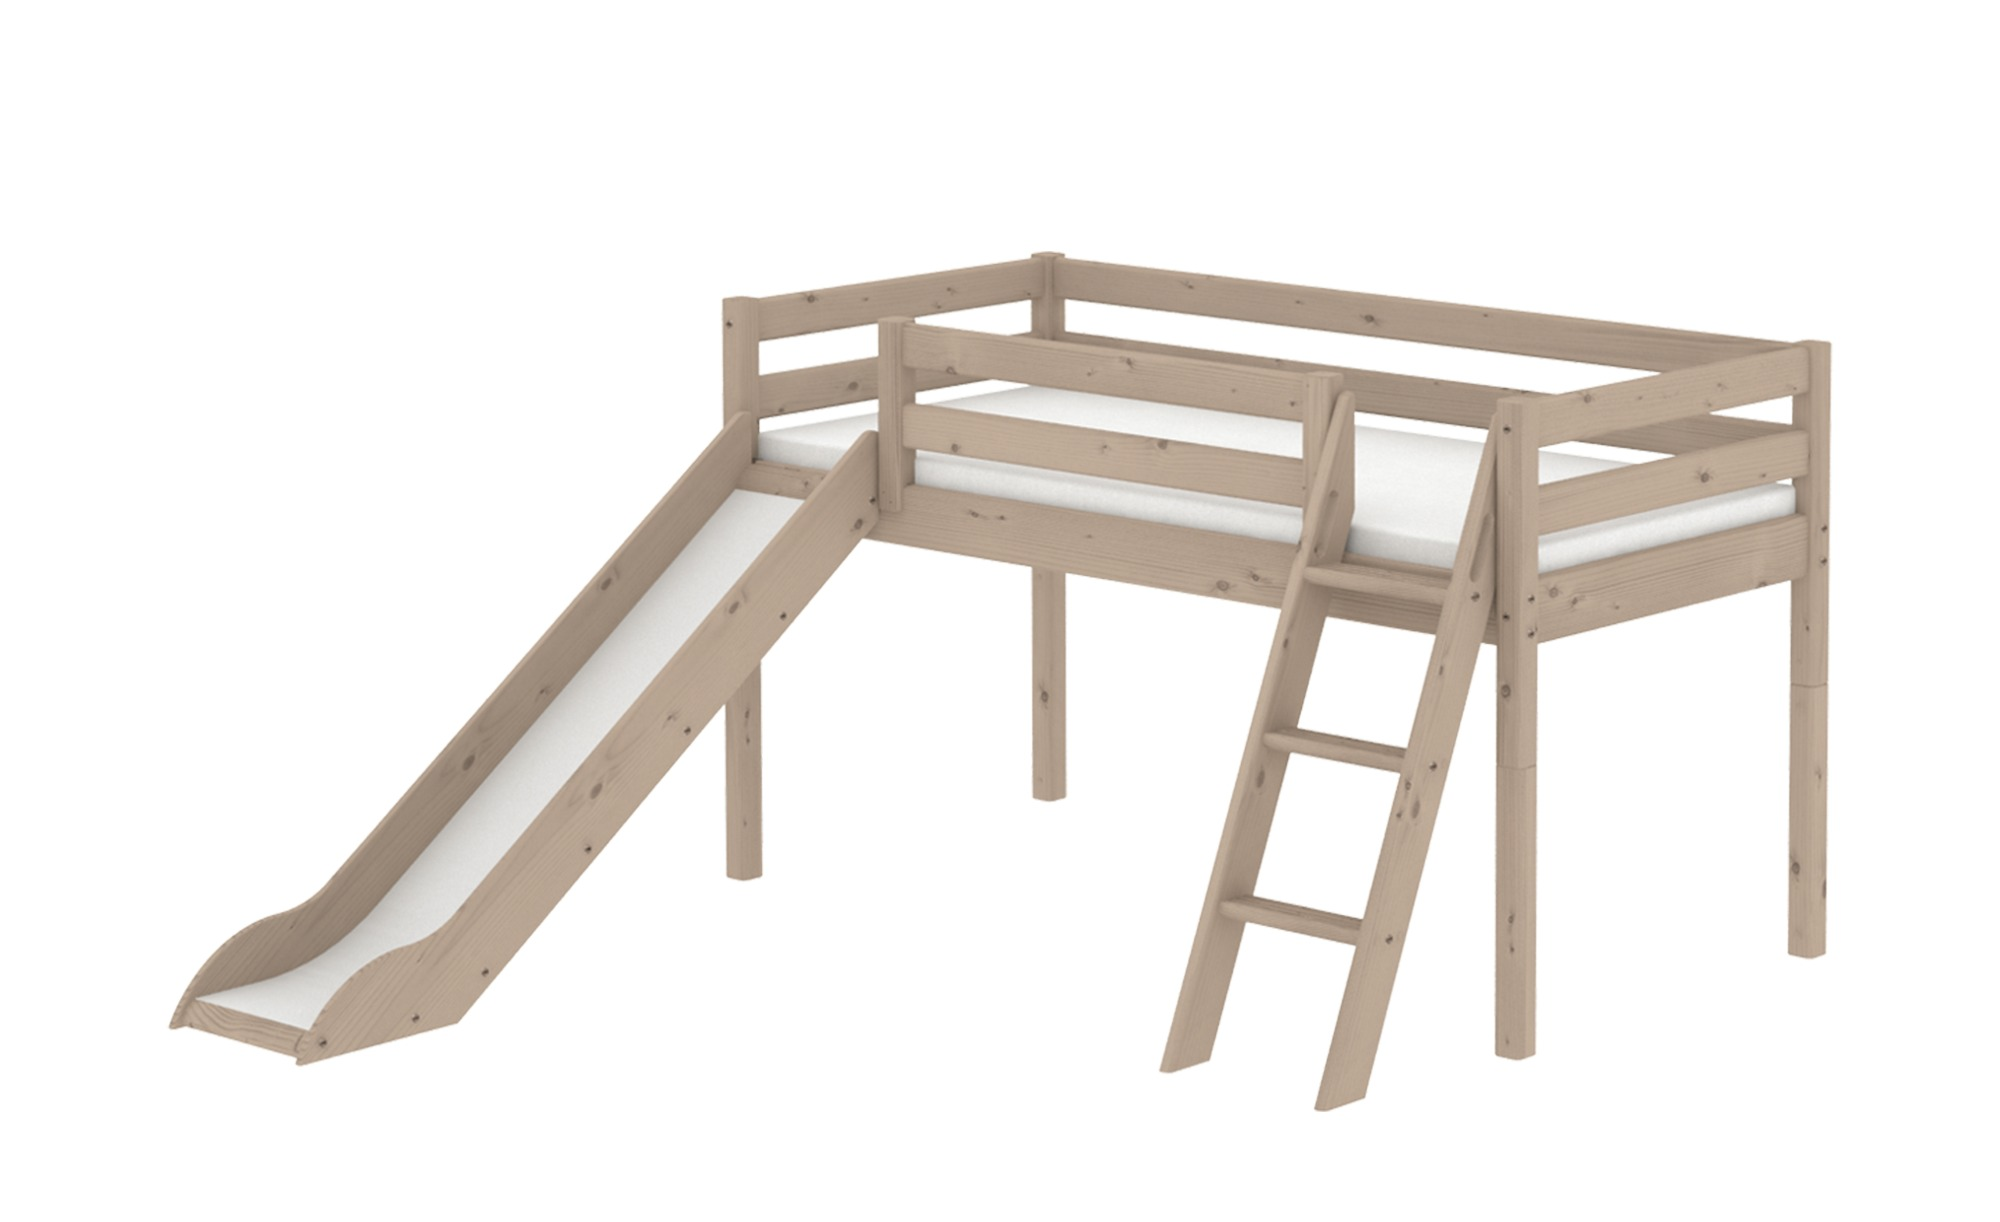 FLEXA Classic-Hochbett, halbhoch  Flexa - holzfarben - 249 cm - 120 cm - Kindermöbel > Kinderbetten > Hochbetten - Möbel Kraft